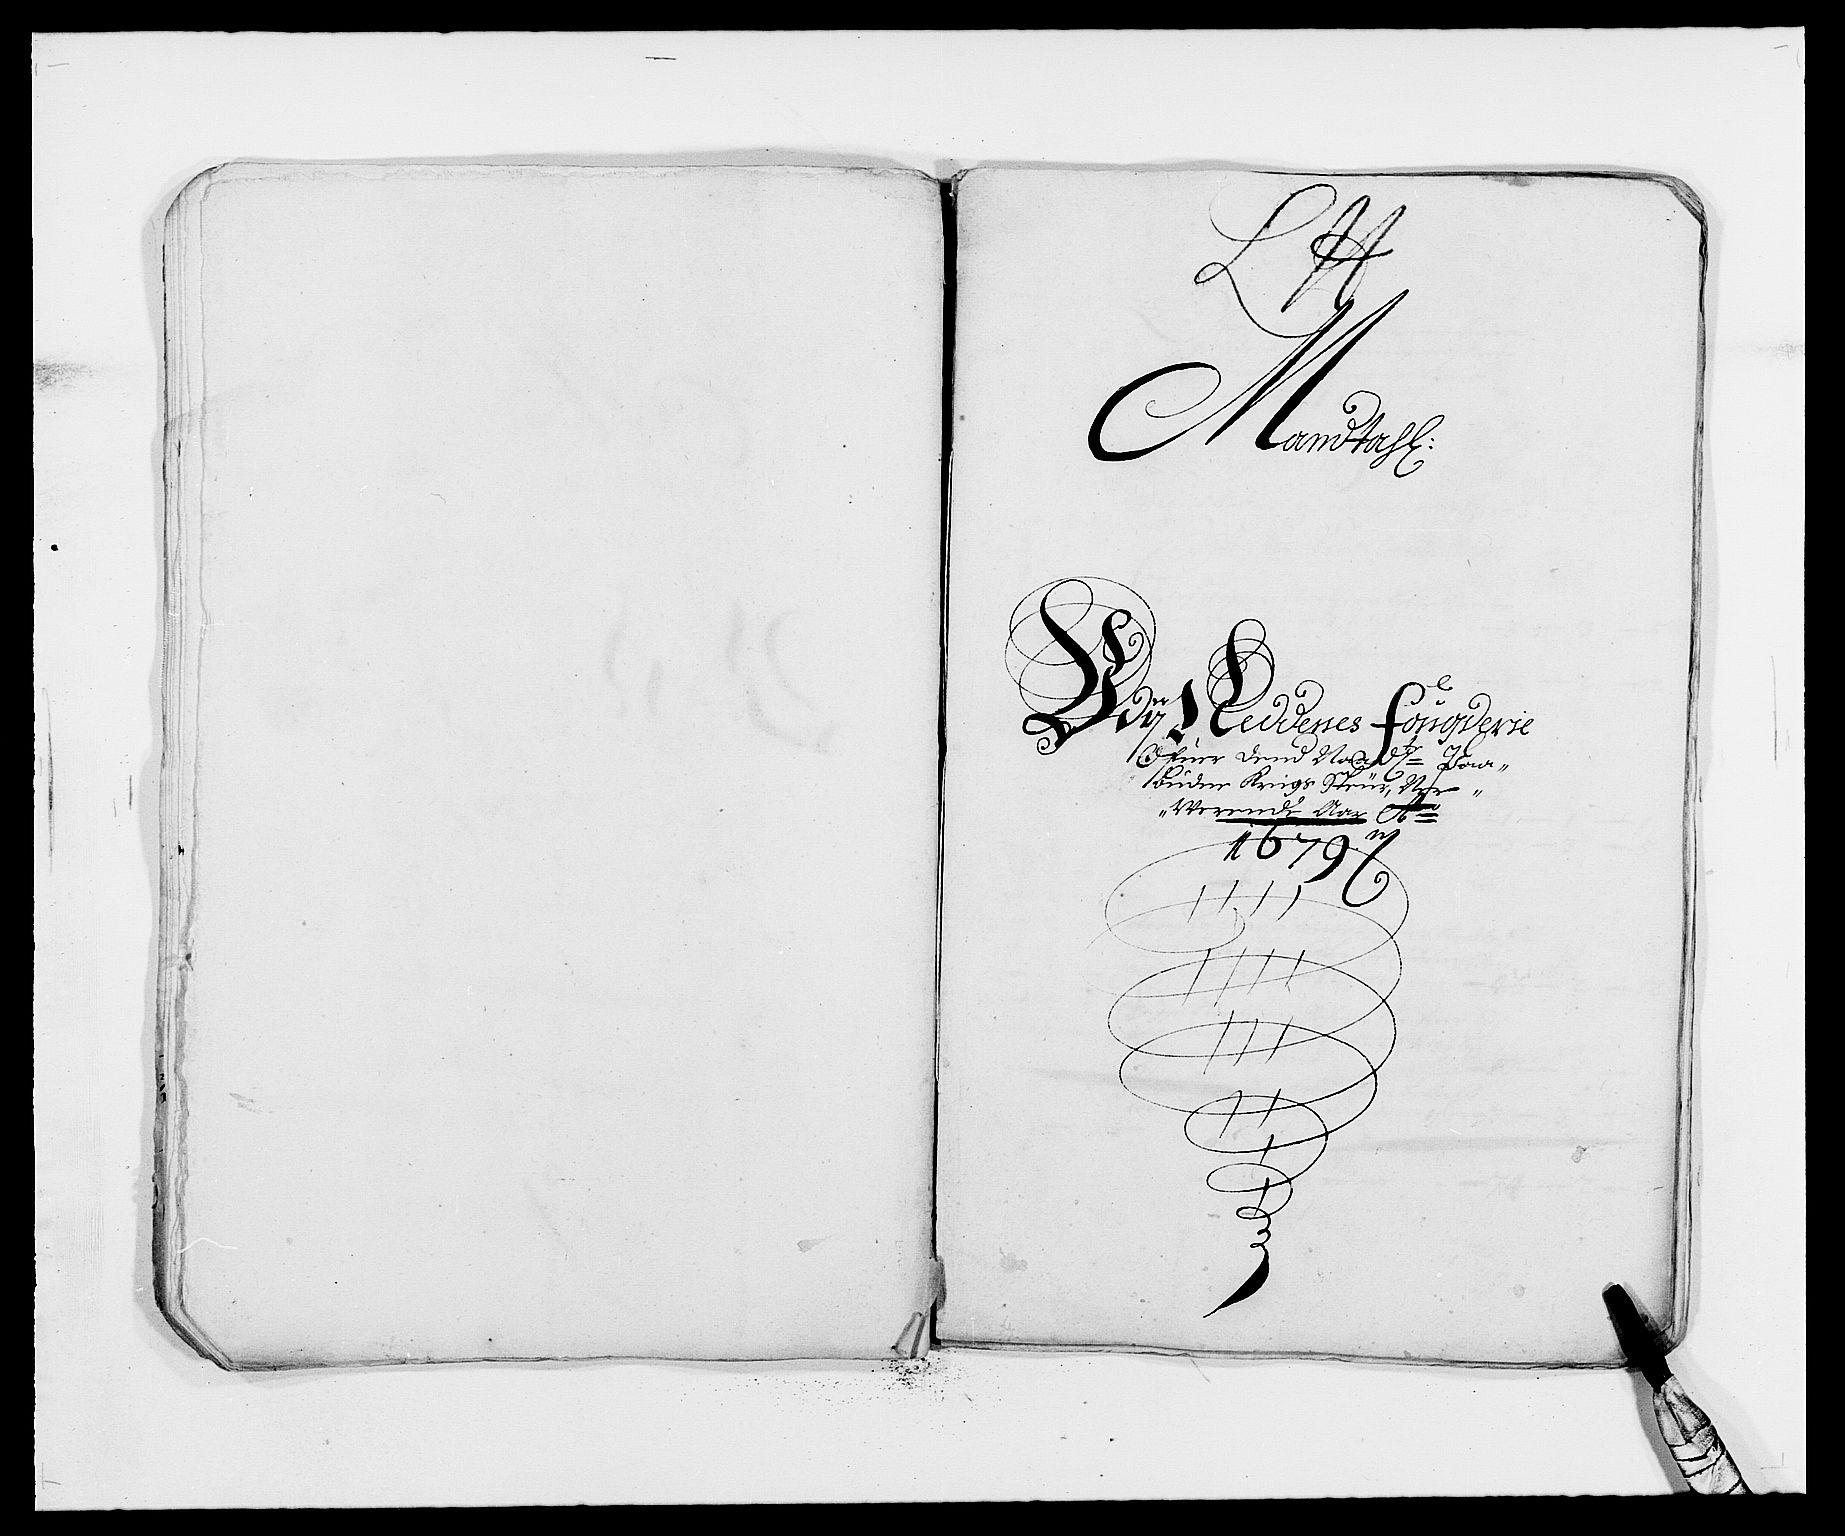 RA, Rentekammeret inntil 1814, Reviderte regnskaper, Fogderegnskap, R39/L2303: Fogderegnskap Nedenes, 1679, s. 132